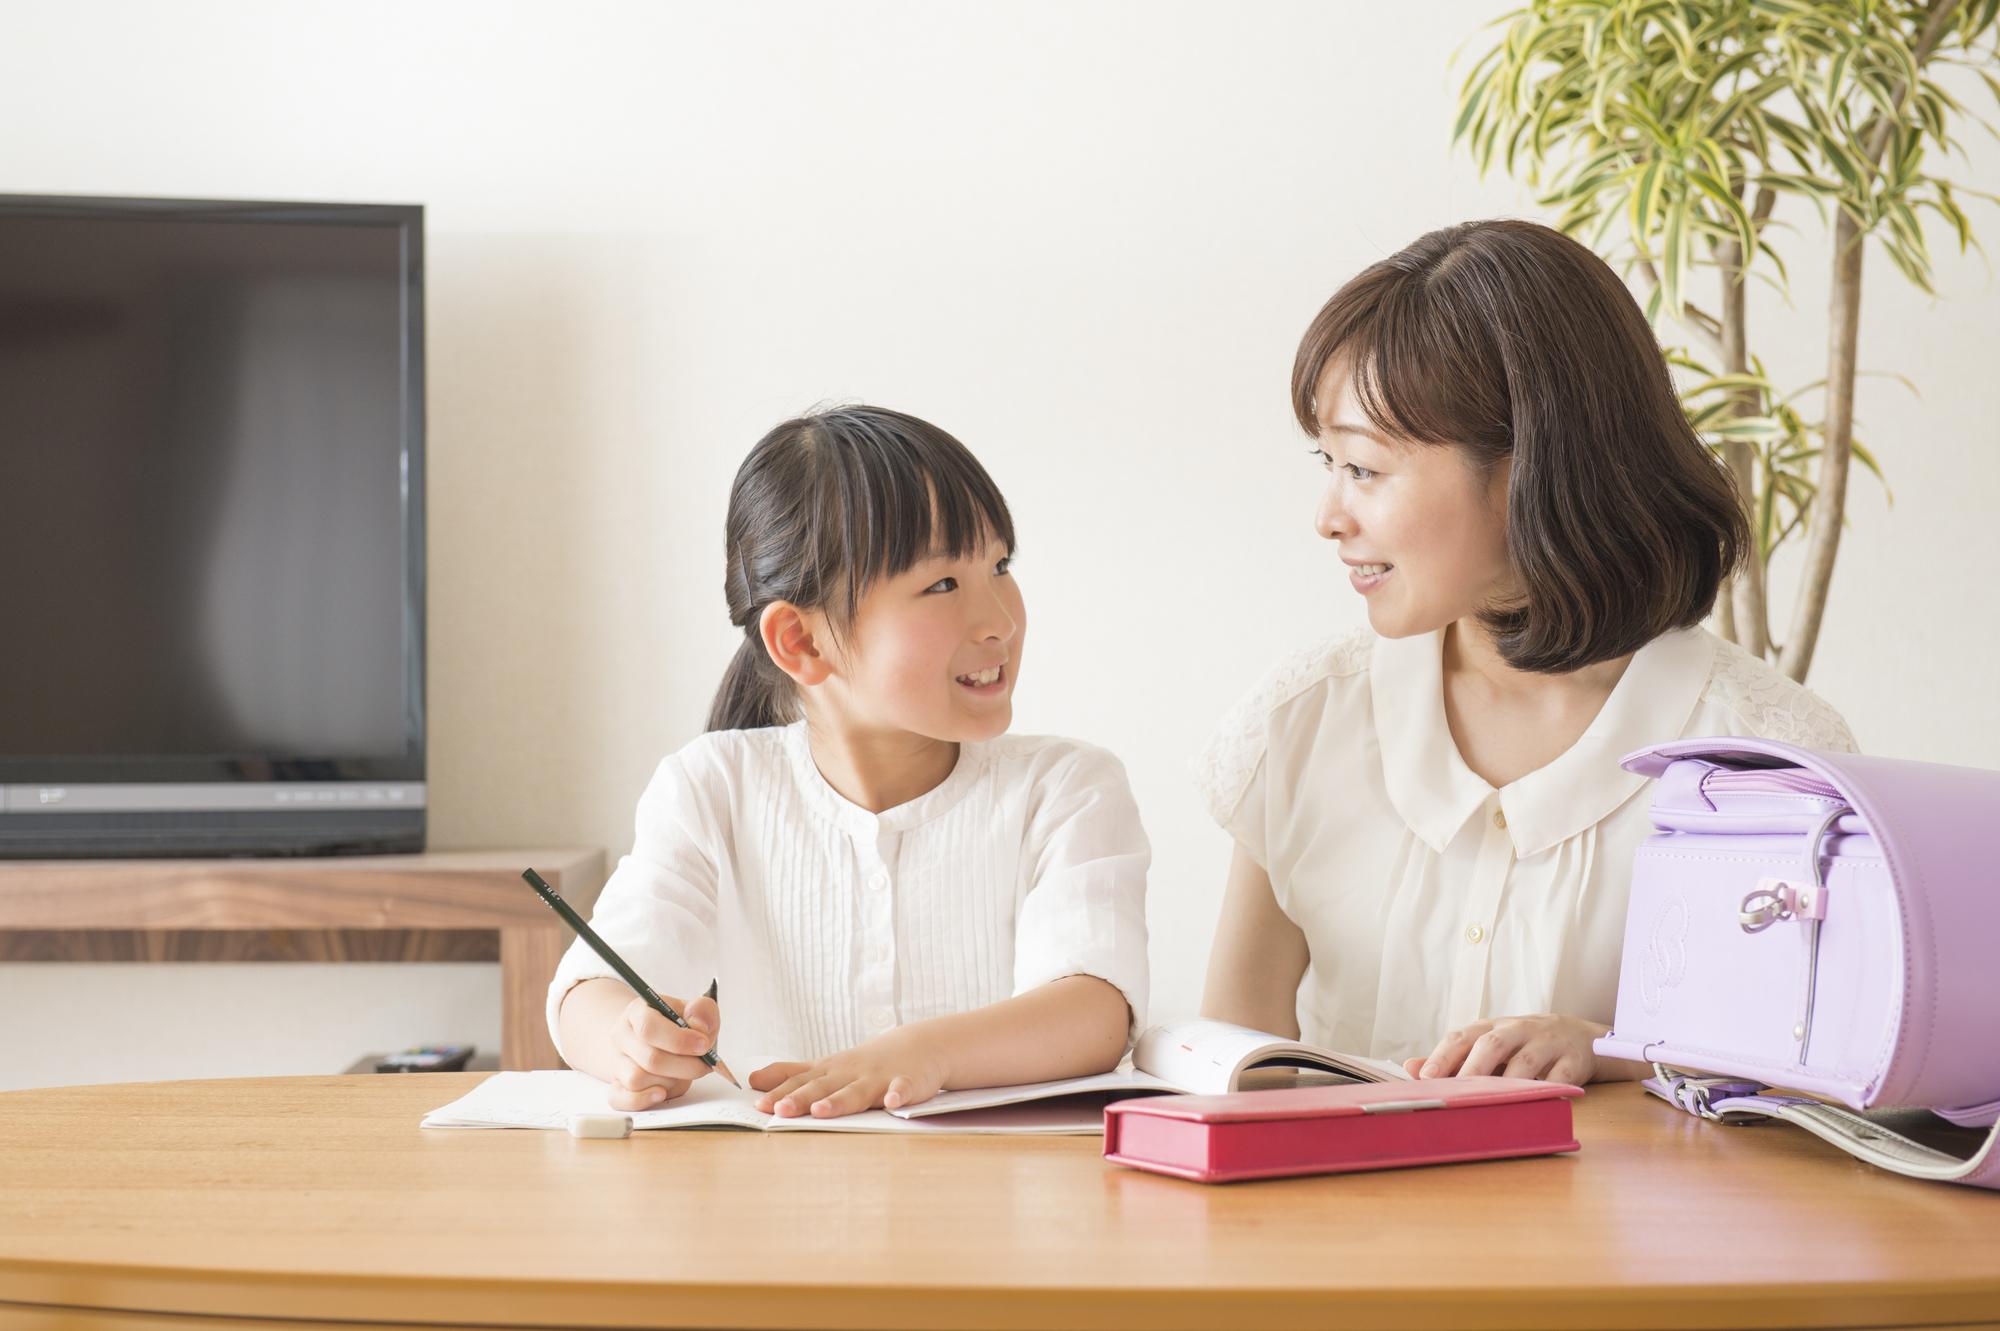 宿題する娘を褒める母親